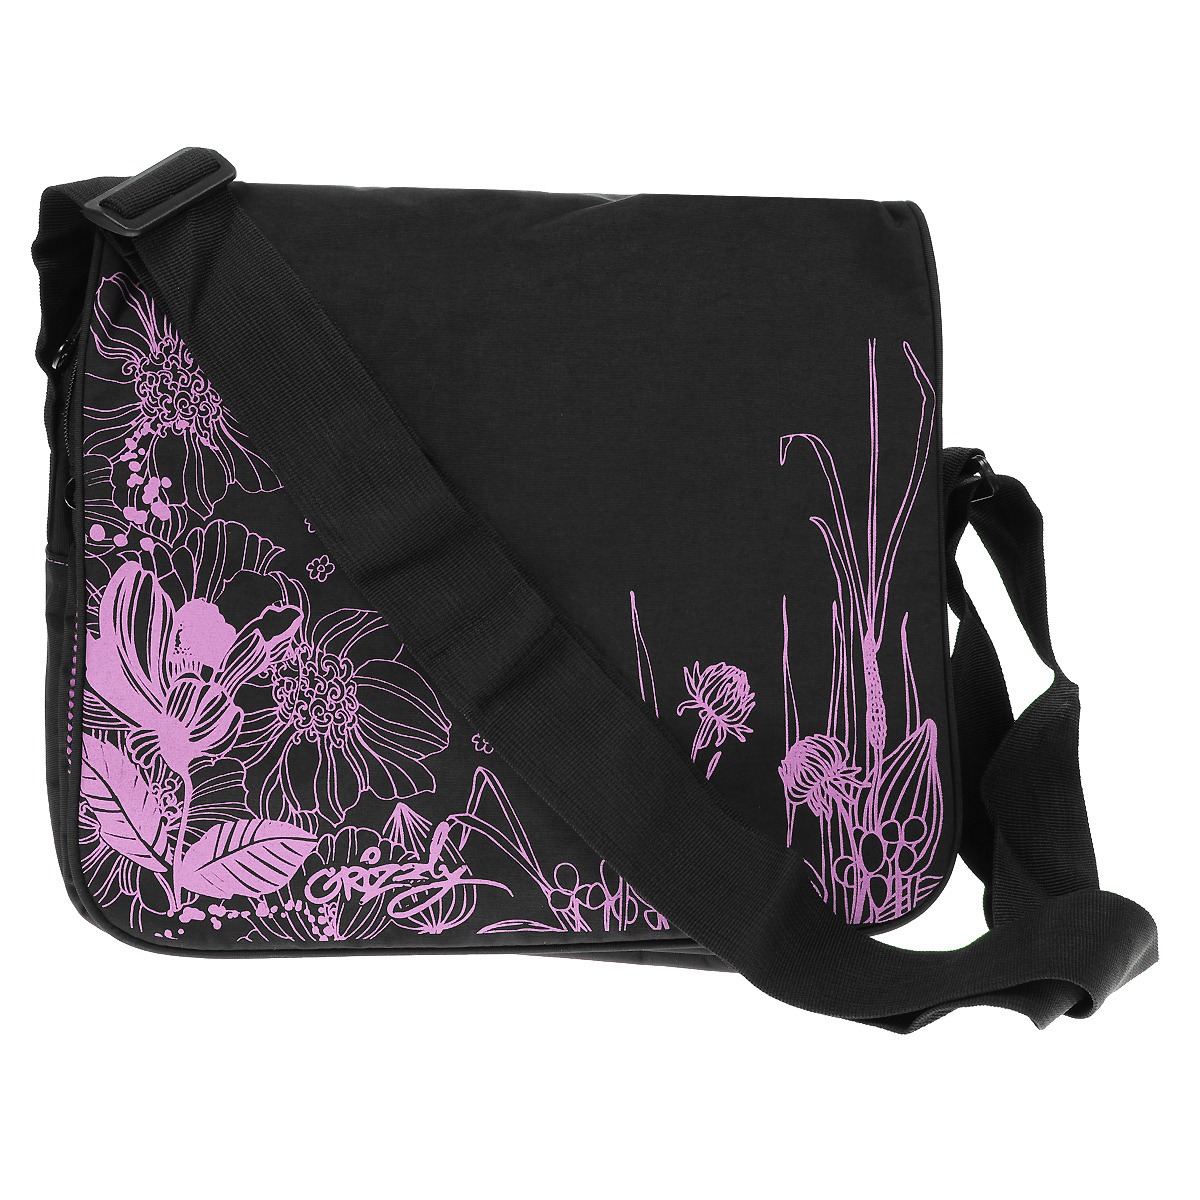 Сумка молодежная Grizzly, цвет: черный, розовый. MD-353-4MD-353-4Молодежная женская сумка Grizzly выполнена из прочного материала и оформлена оригинальным принтом в виде ярких цветов.Сумка состоит из двух отделений, закрывающихся на застежки-молнии, а сверху клапаном на липучках. Внутри одного отделения расположен широкий карман на застежке-молнии. Второе отделение можно использовать для переноски ноутбука или планшета.На внешней стороне сумки под клапаном находятся сетчатый карман на застежке-молнии, кармашек без застежек и фиксатор для пишущих принадлежностей.Сумка оснащена плечевым ремнем, регулируемым по длине.Такая сумка подчеркнет ваш образ и выделит вас из толпы.Размер сумки: 33,5 см х 28 см х 10 см.